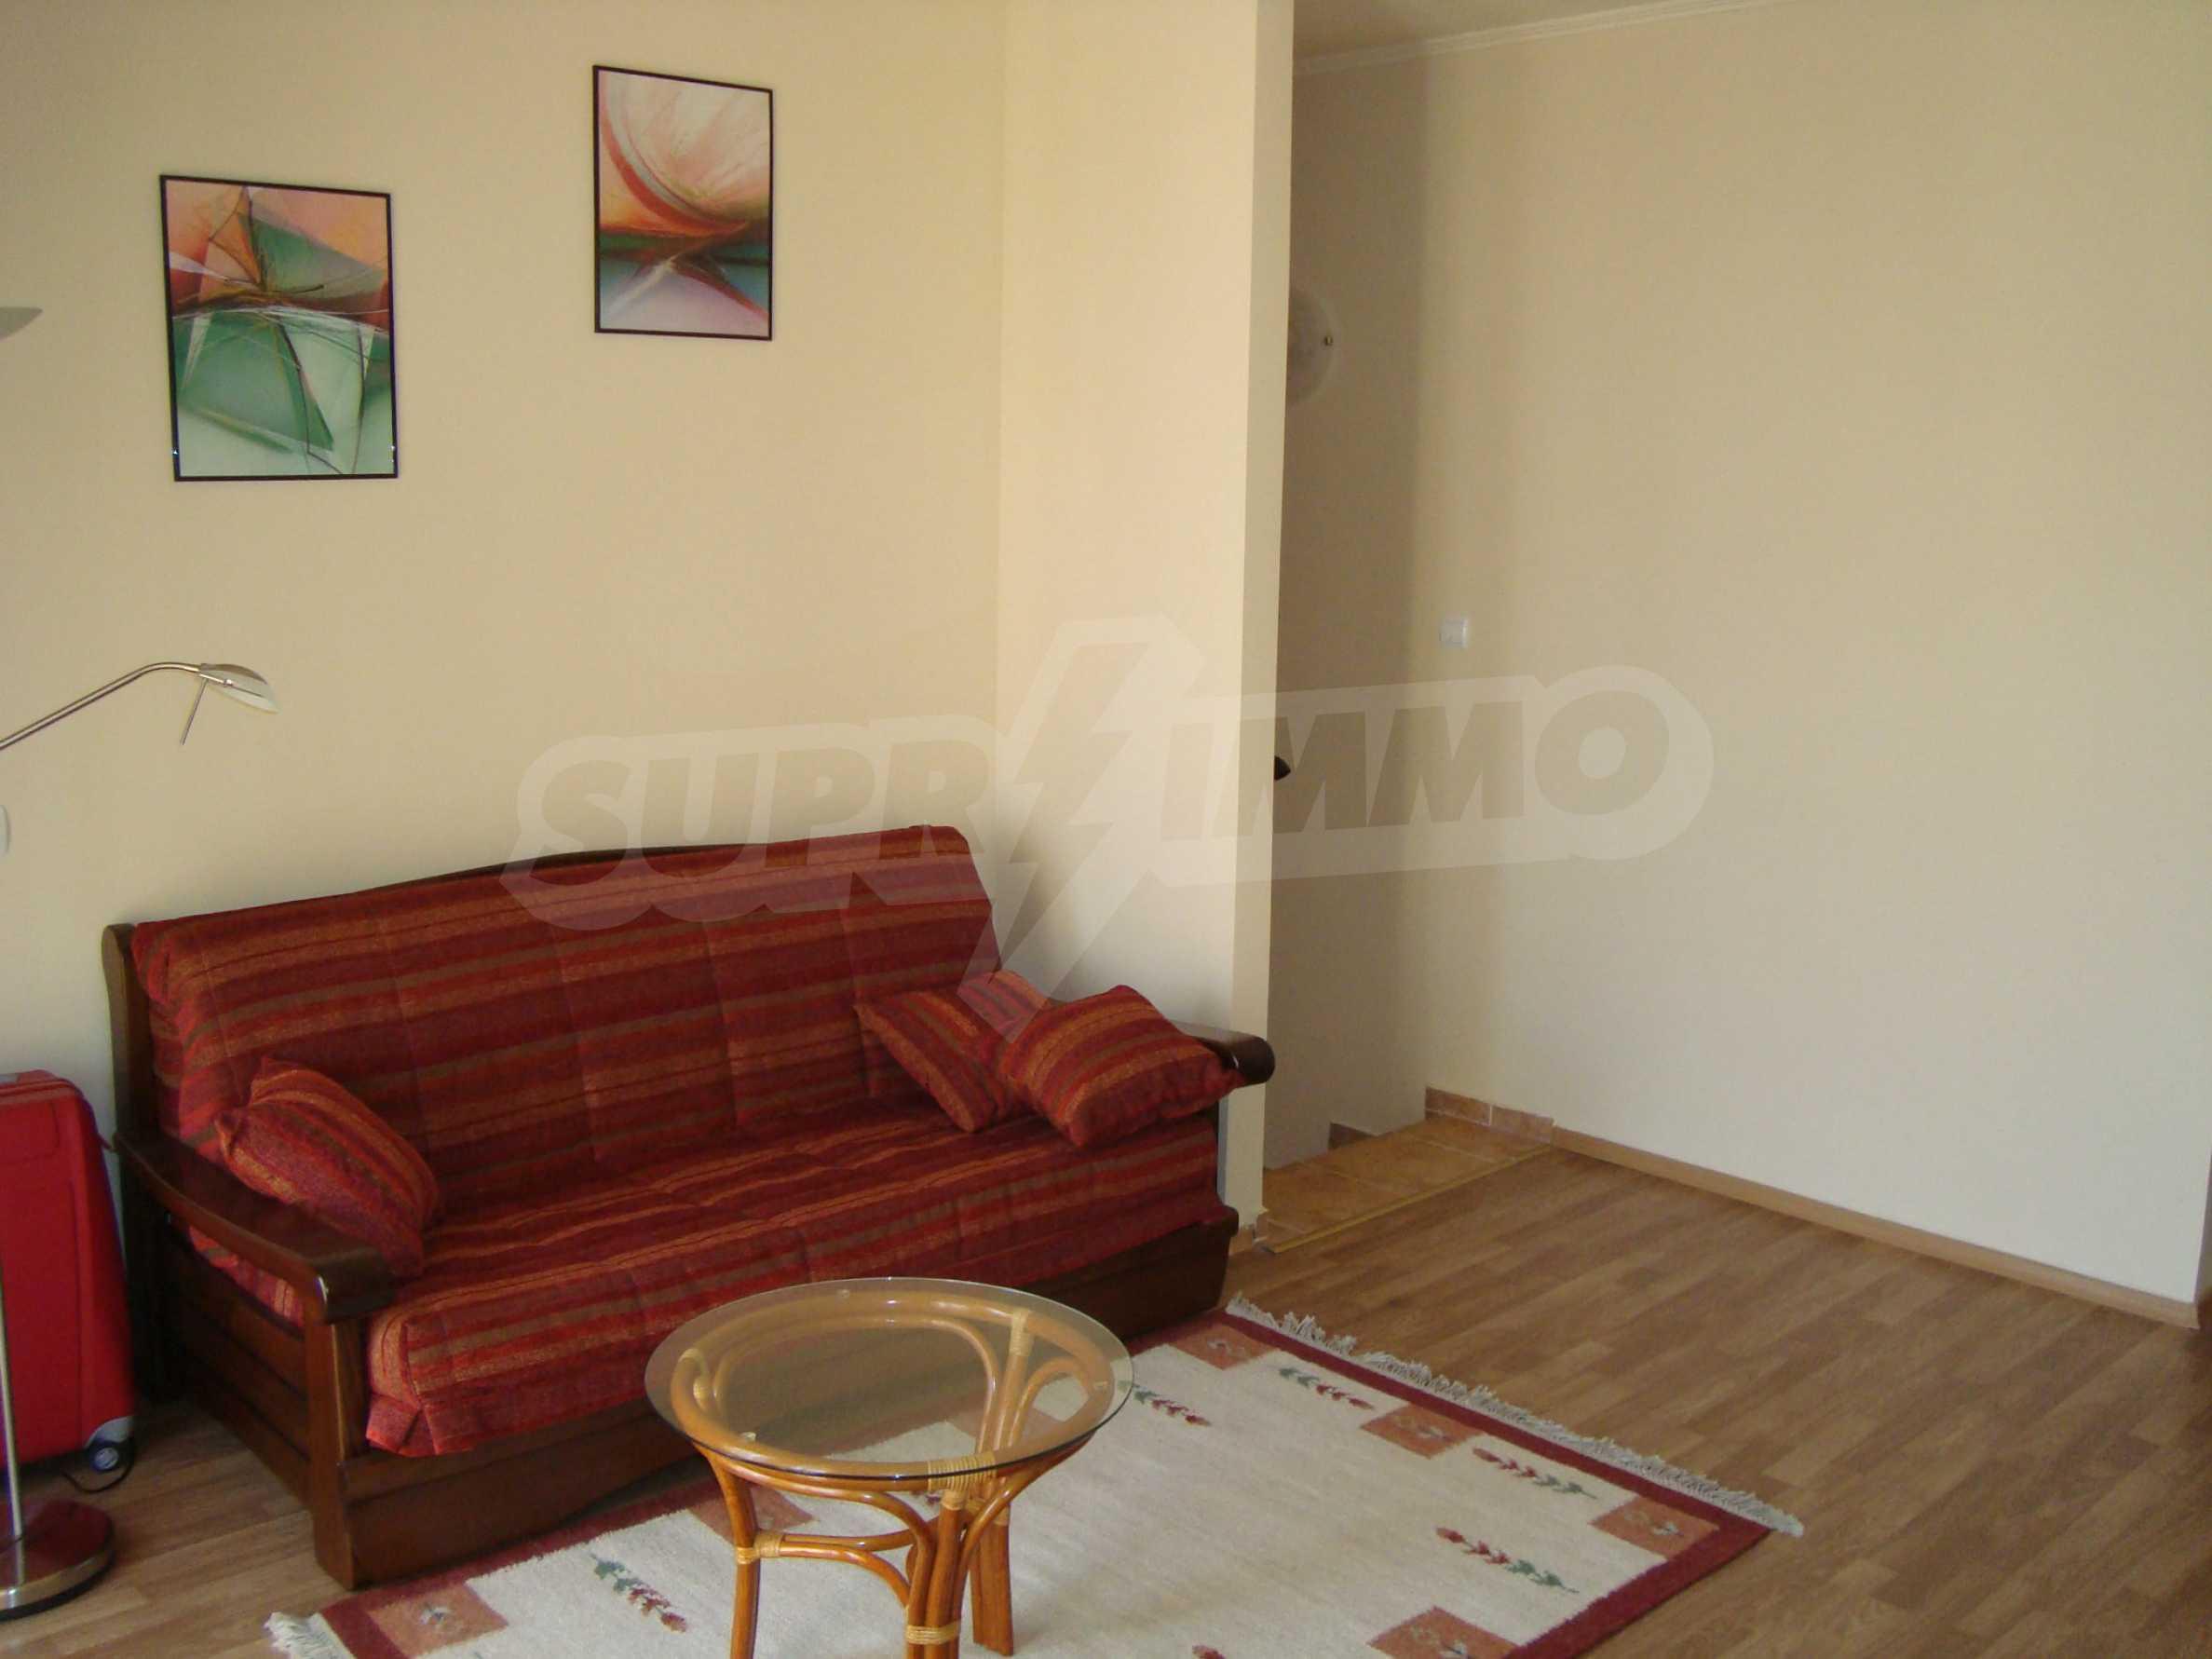 2-stöckige Villa zum Verkauf in Elenite Feriendorf, 26